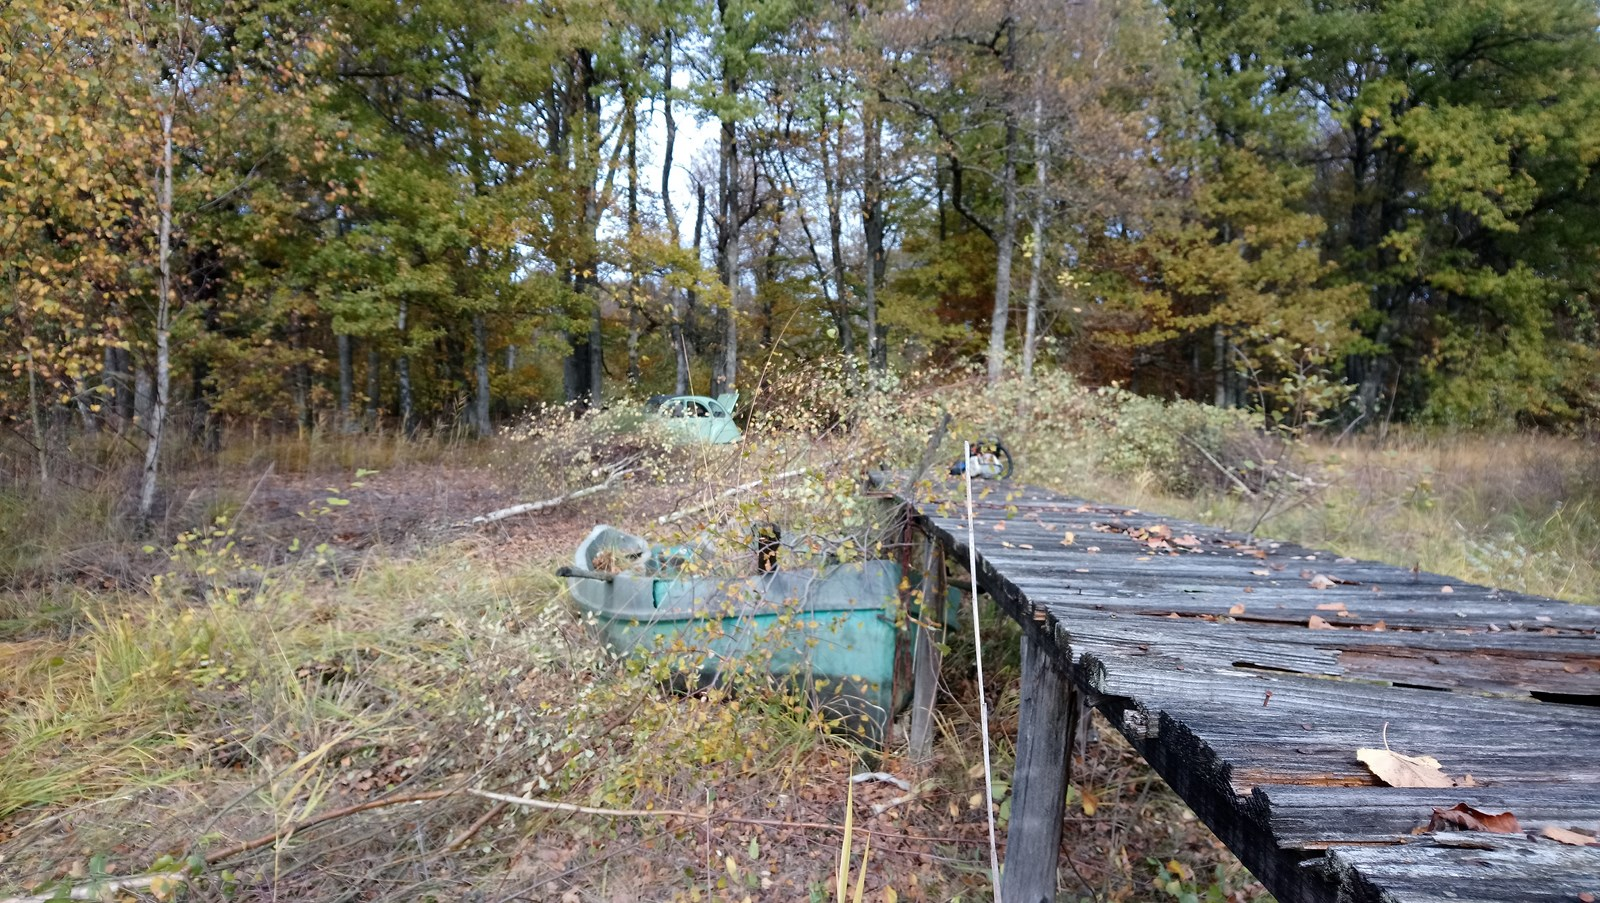 Démontage des ruines de pontons, automne 2017